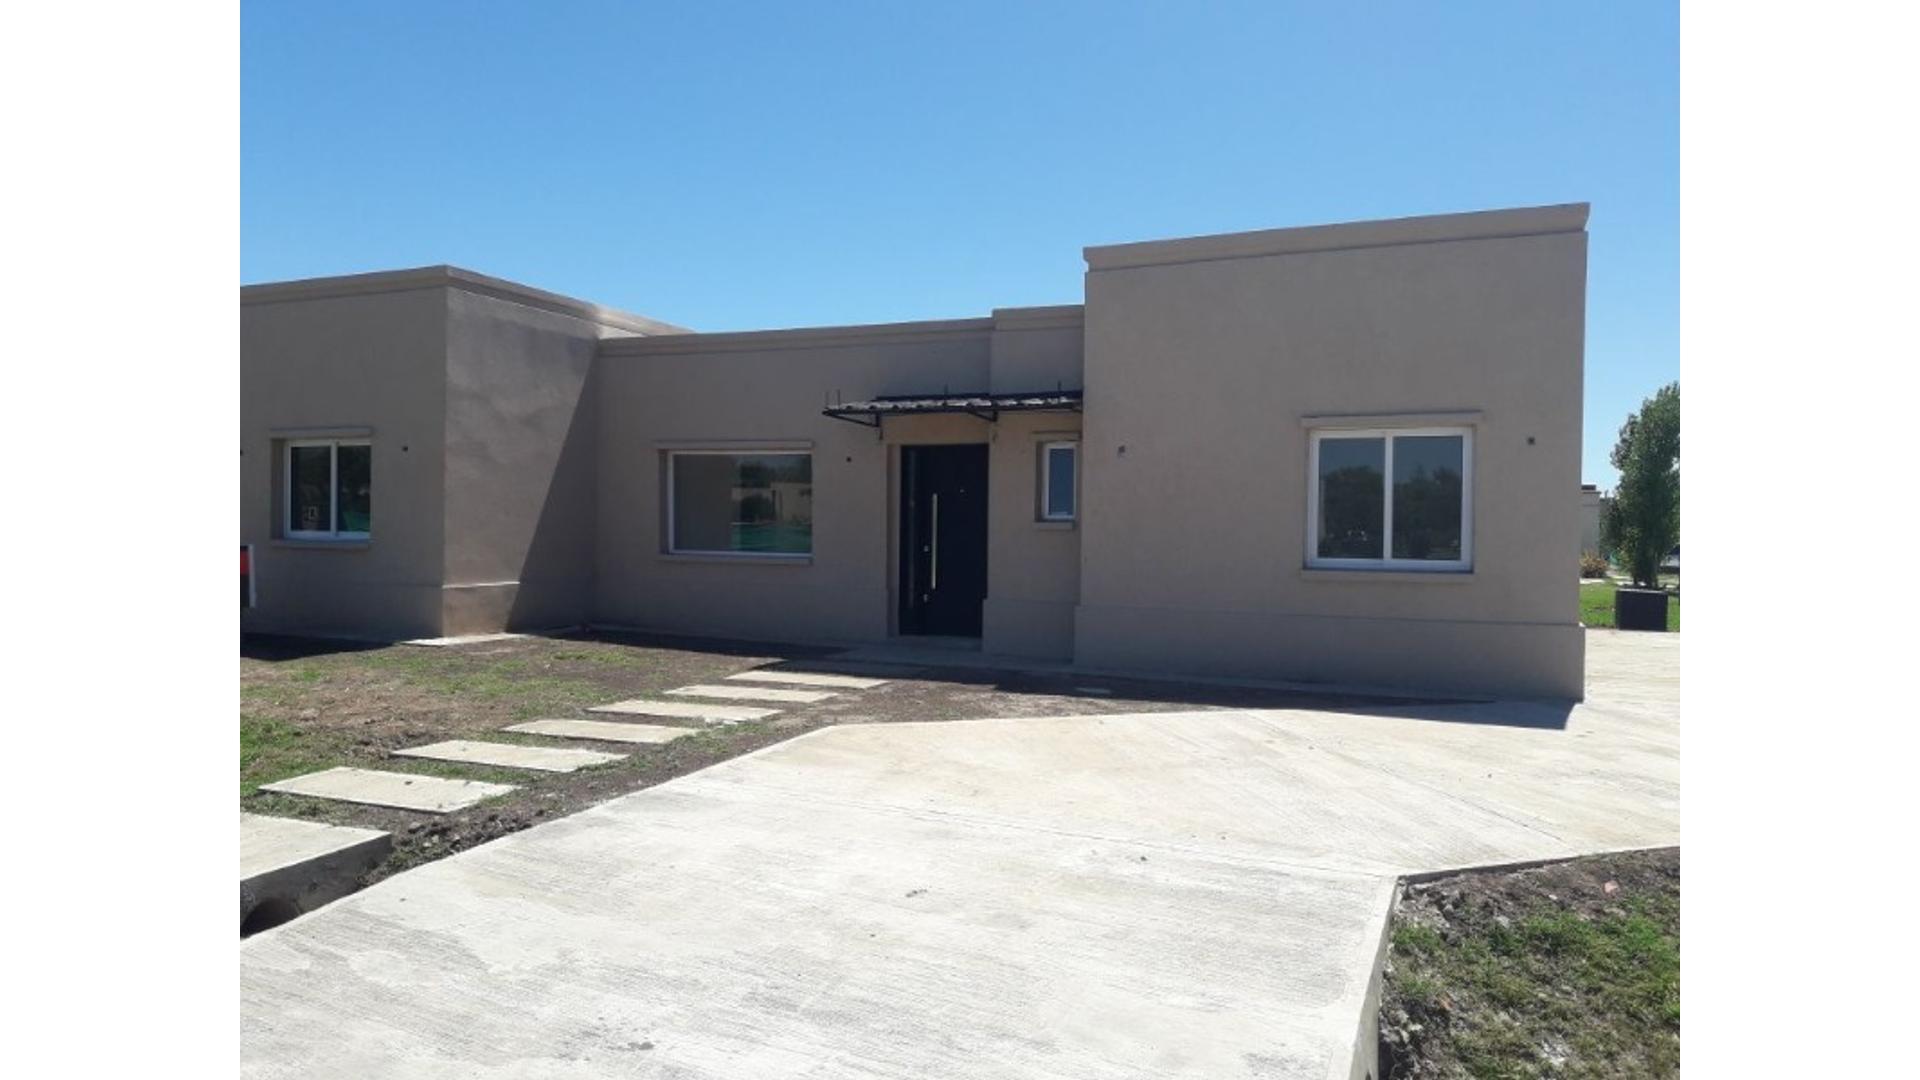 Manzanares Chico Lote / N° 0 - U$D 160.000 - Casa en Venta